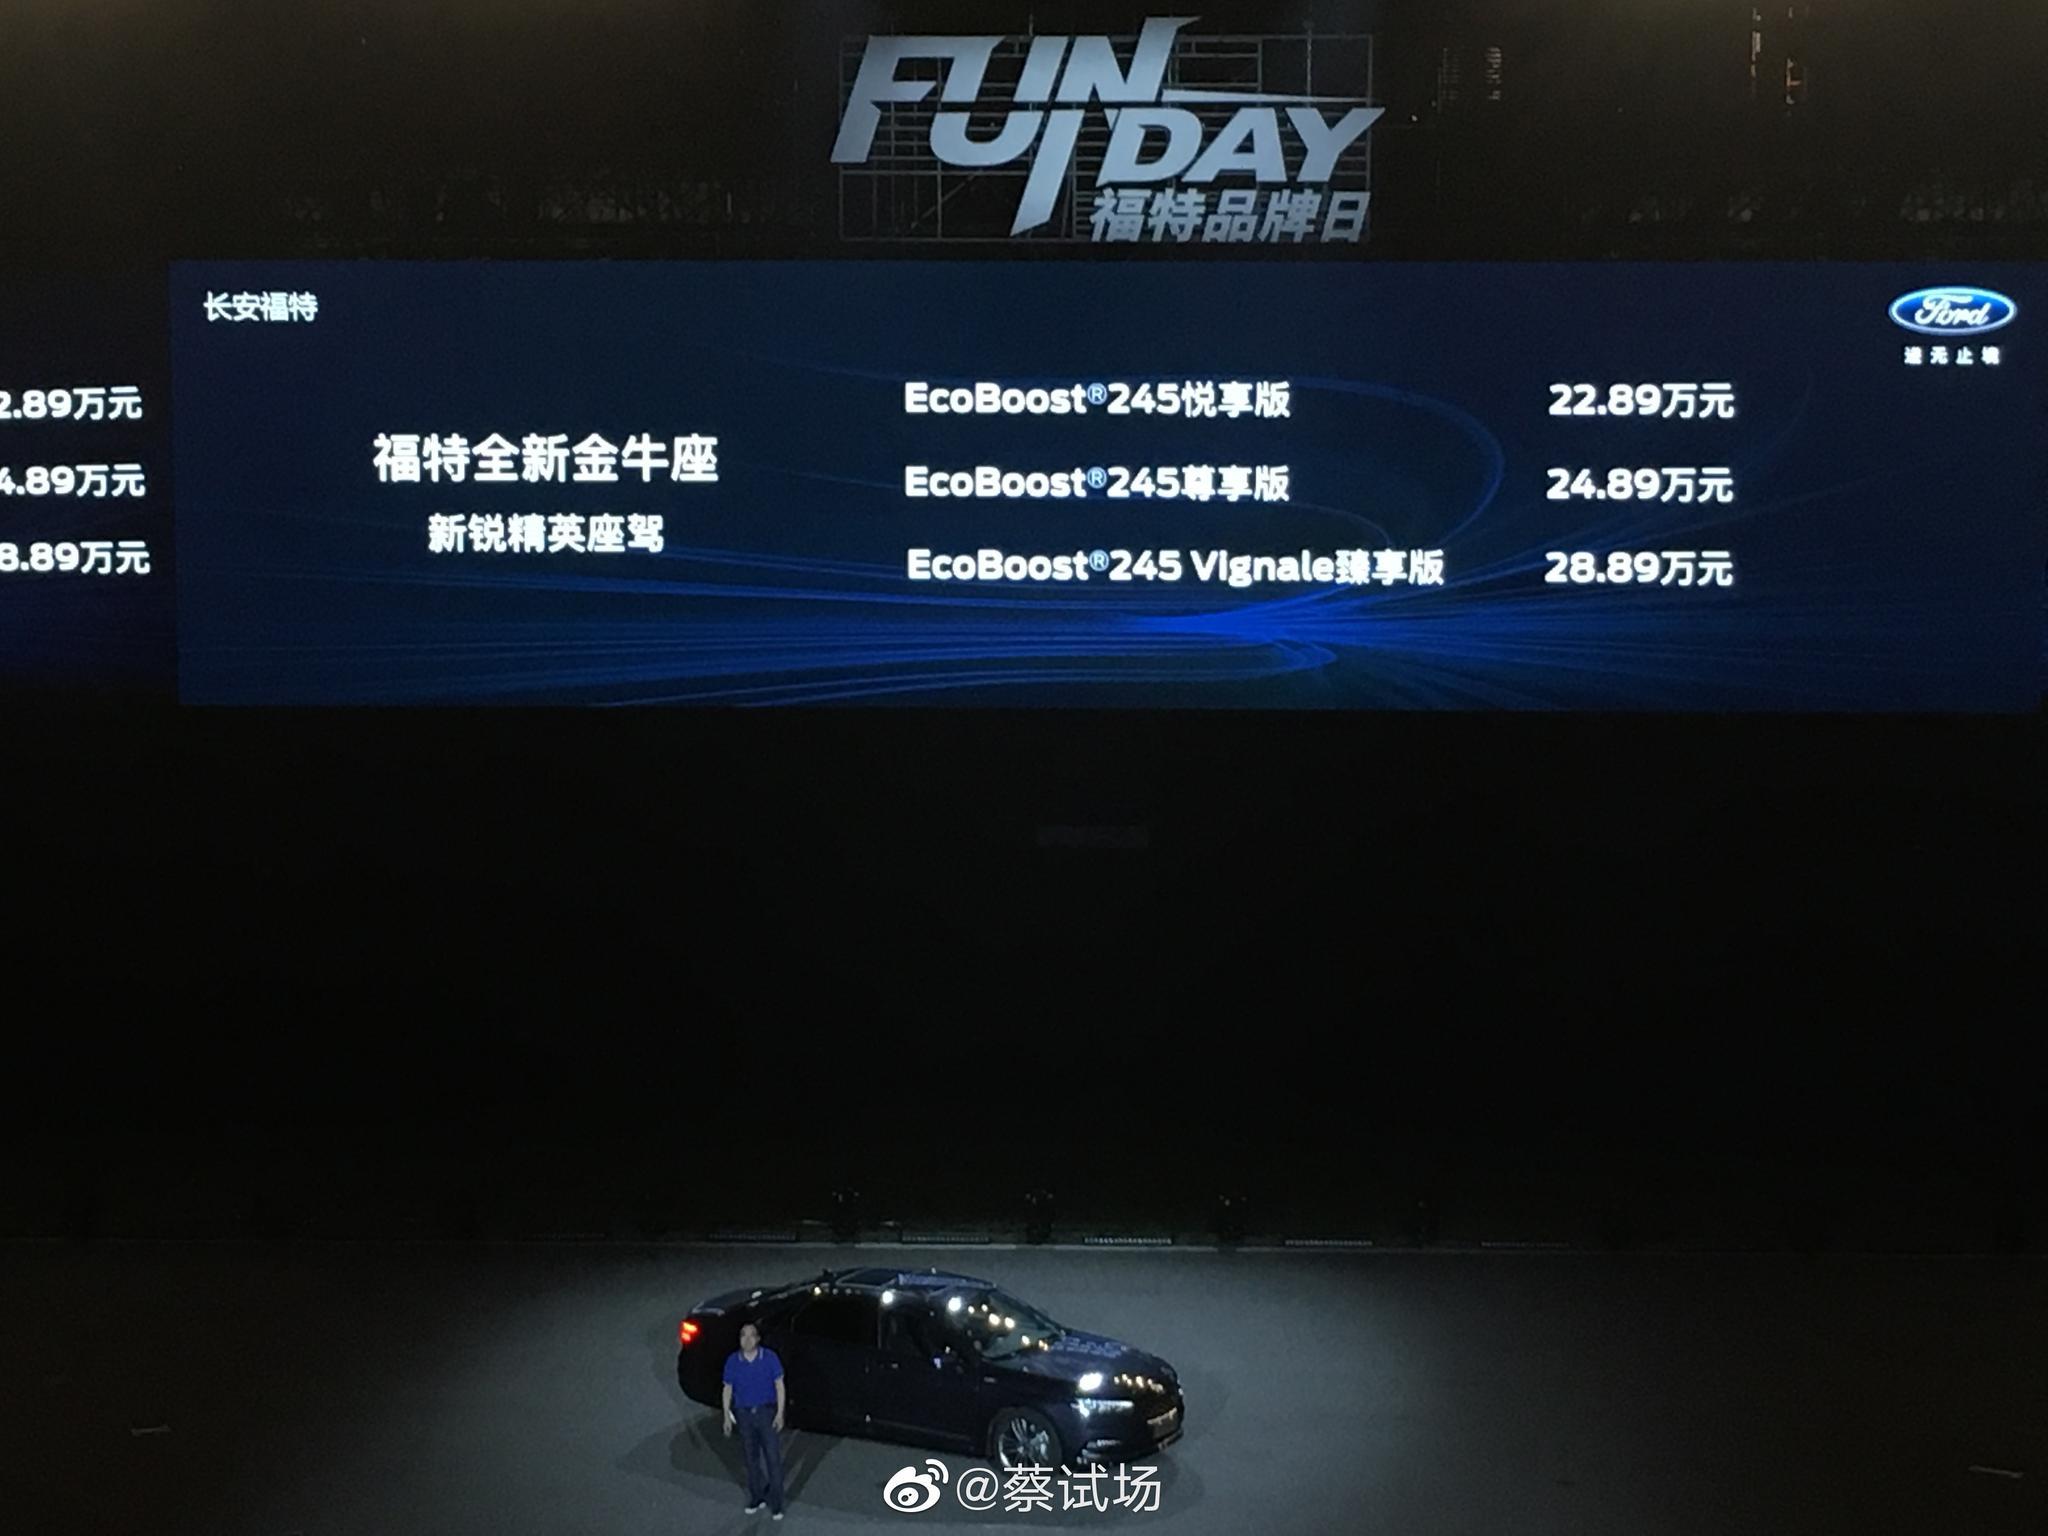 福特金牛座改款上市:3款售价分别为22.89万、24.89万和28.89万元